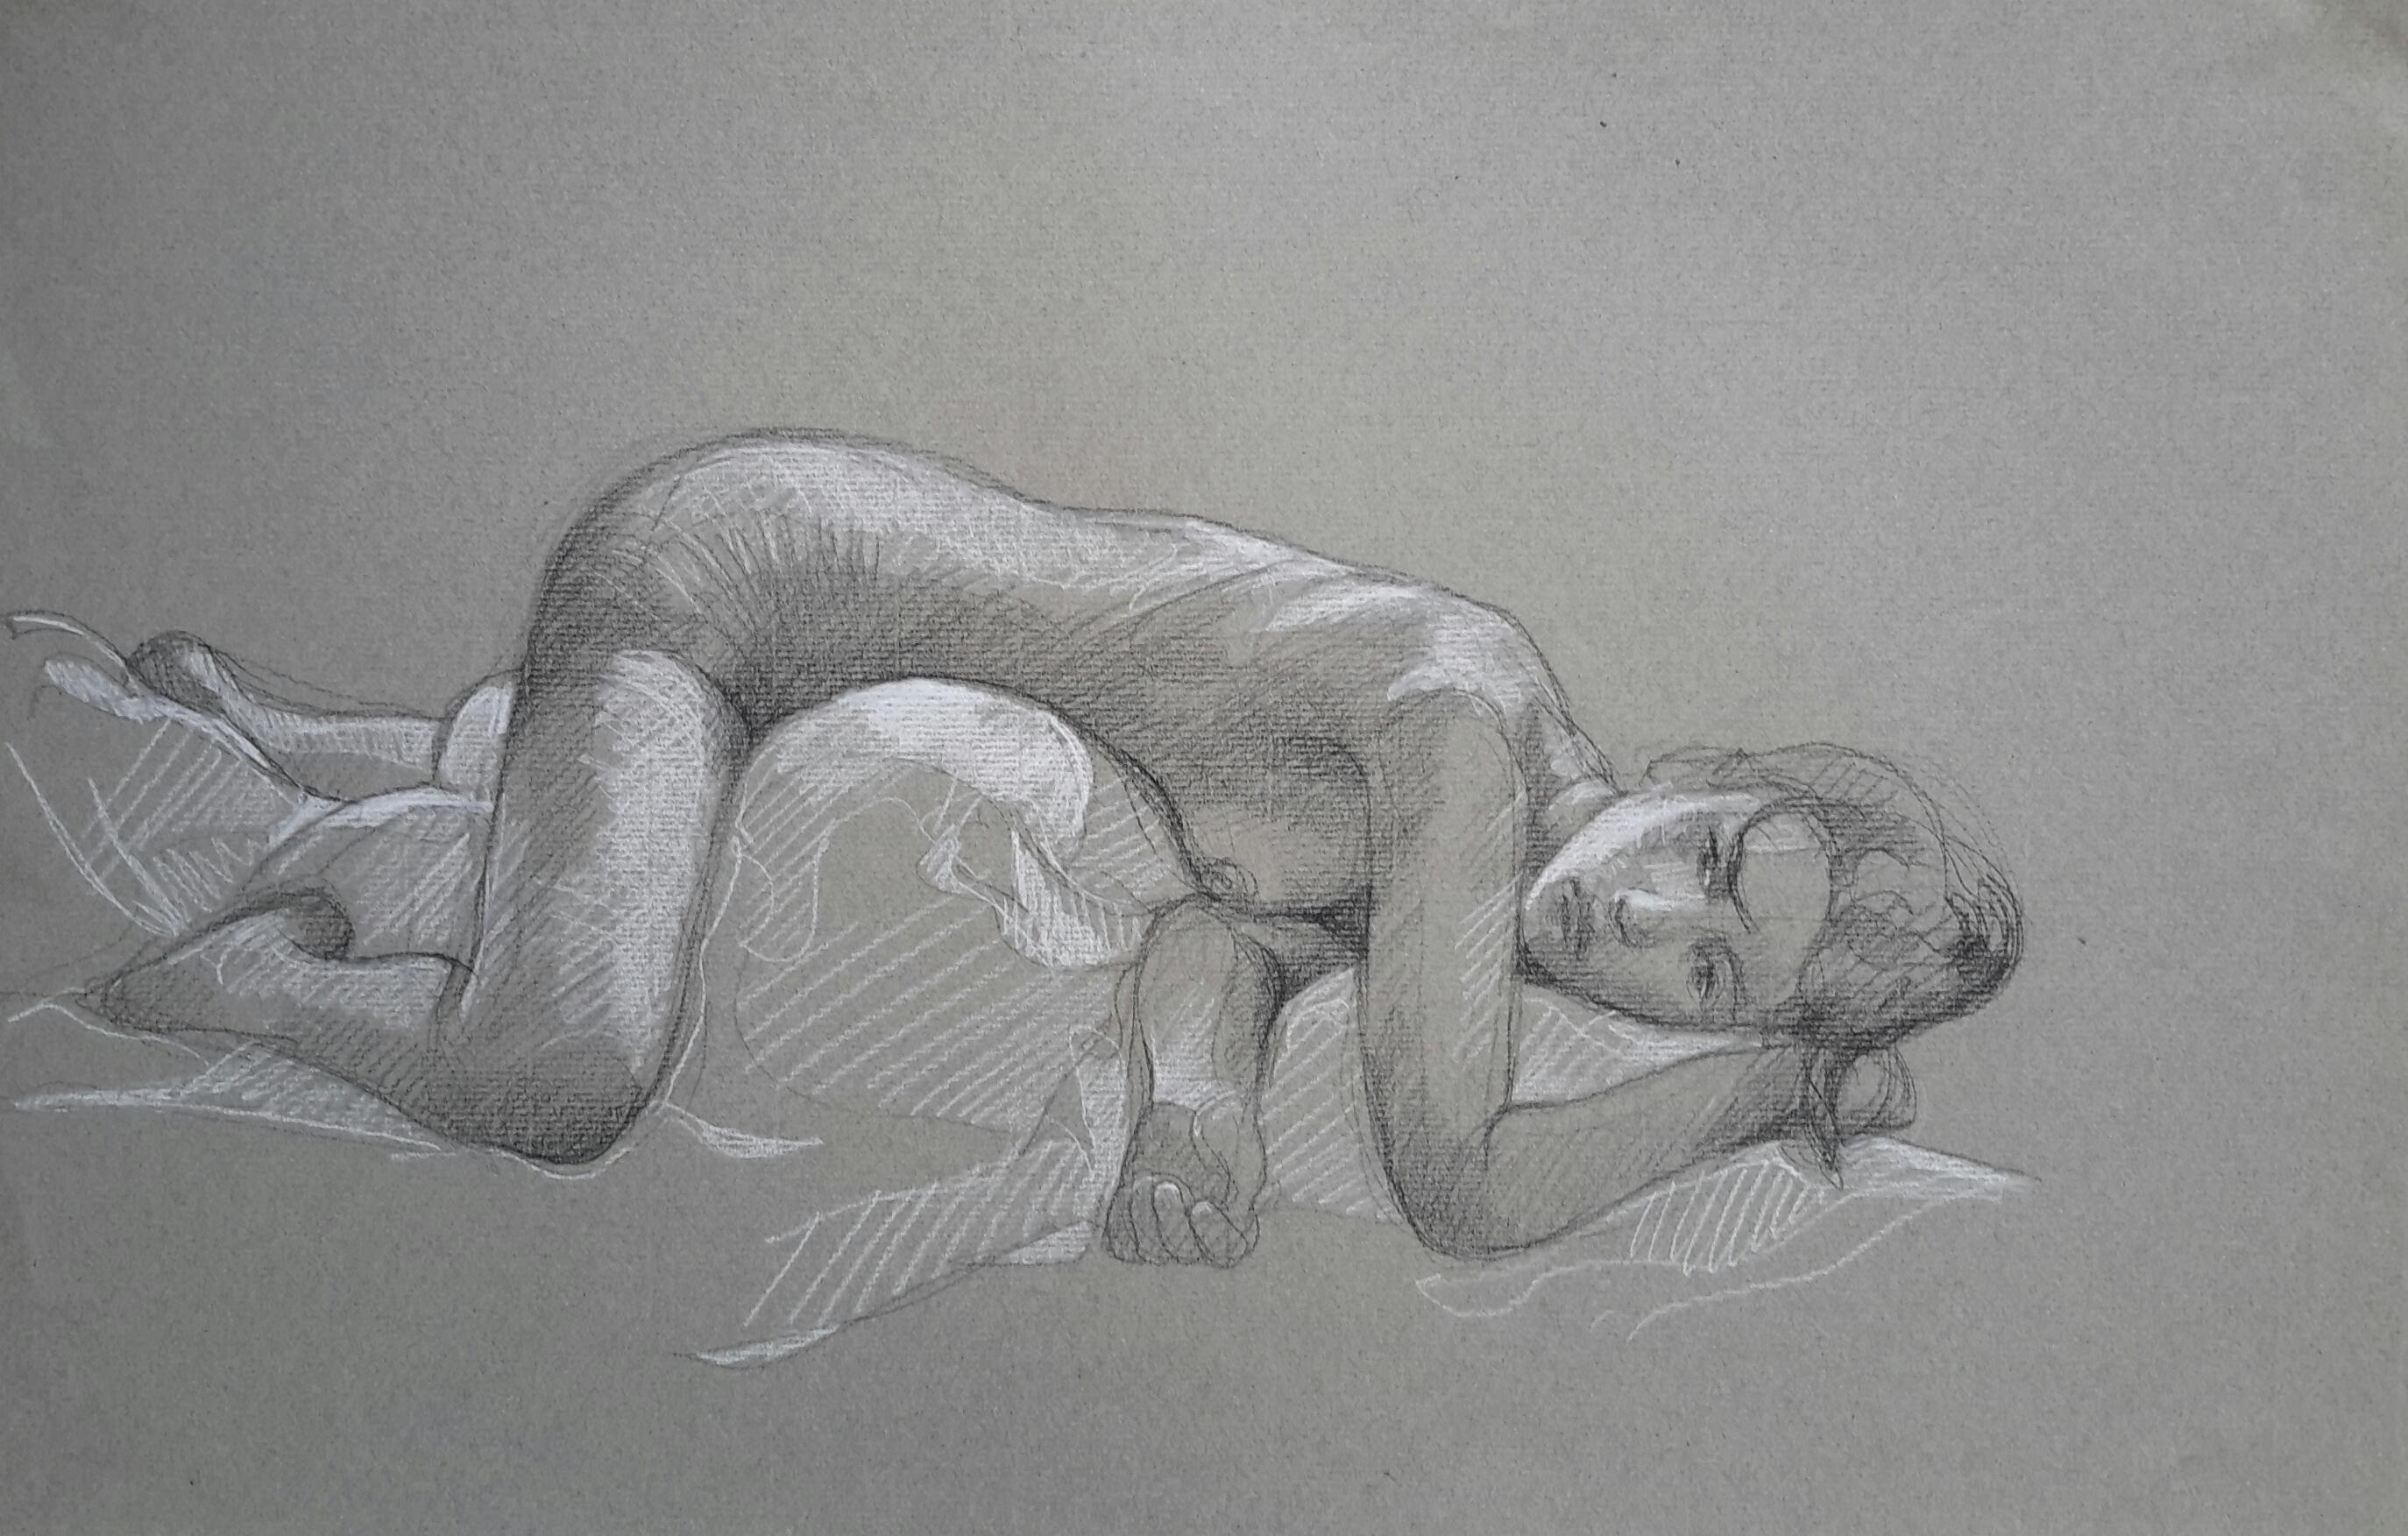 Modèle vivant 6 : pierre noire et crayon blanc